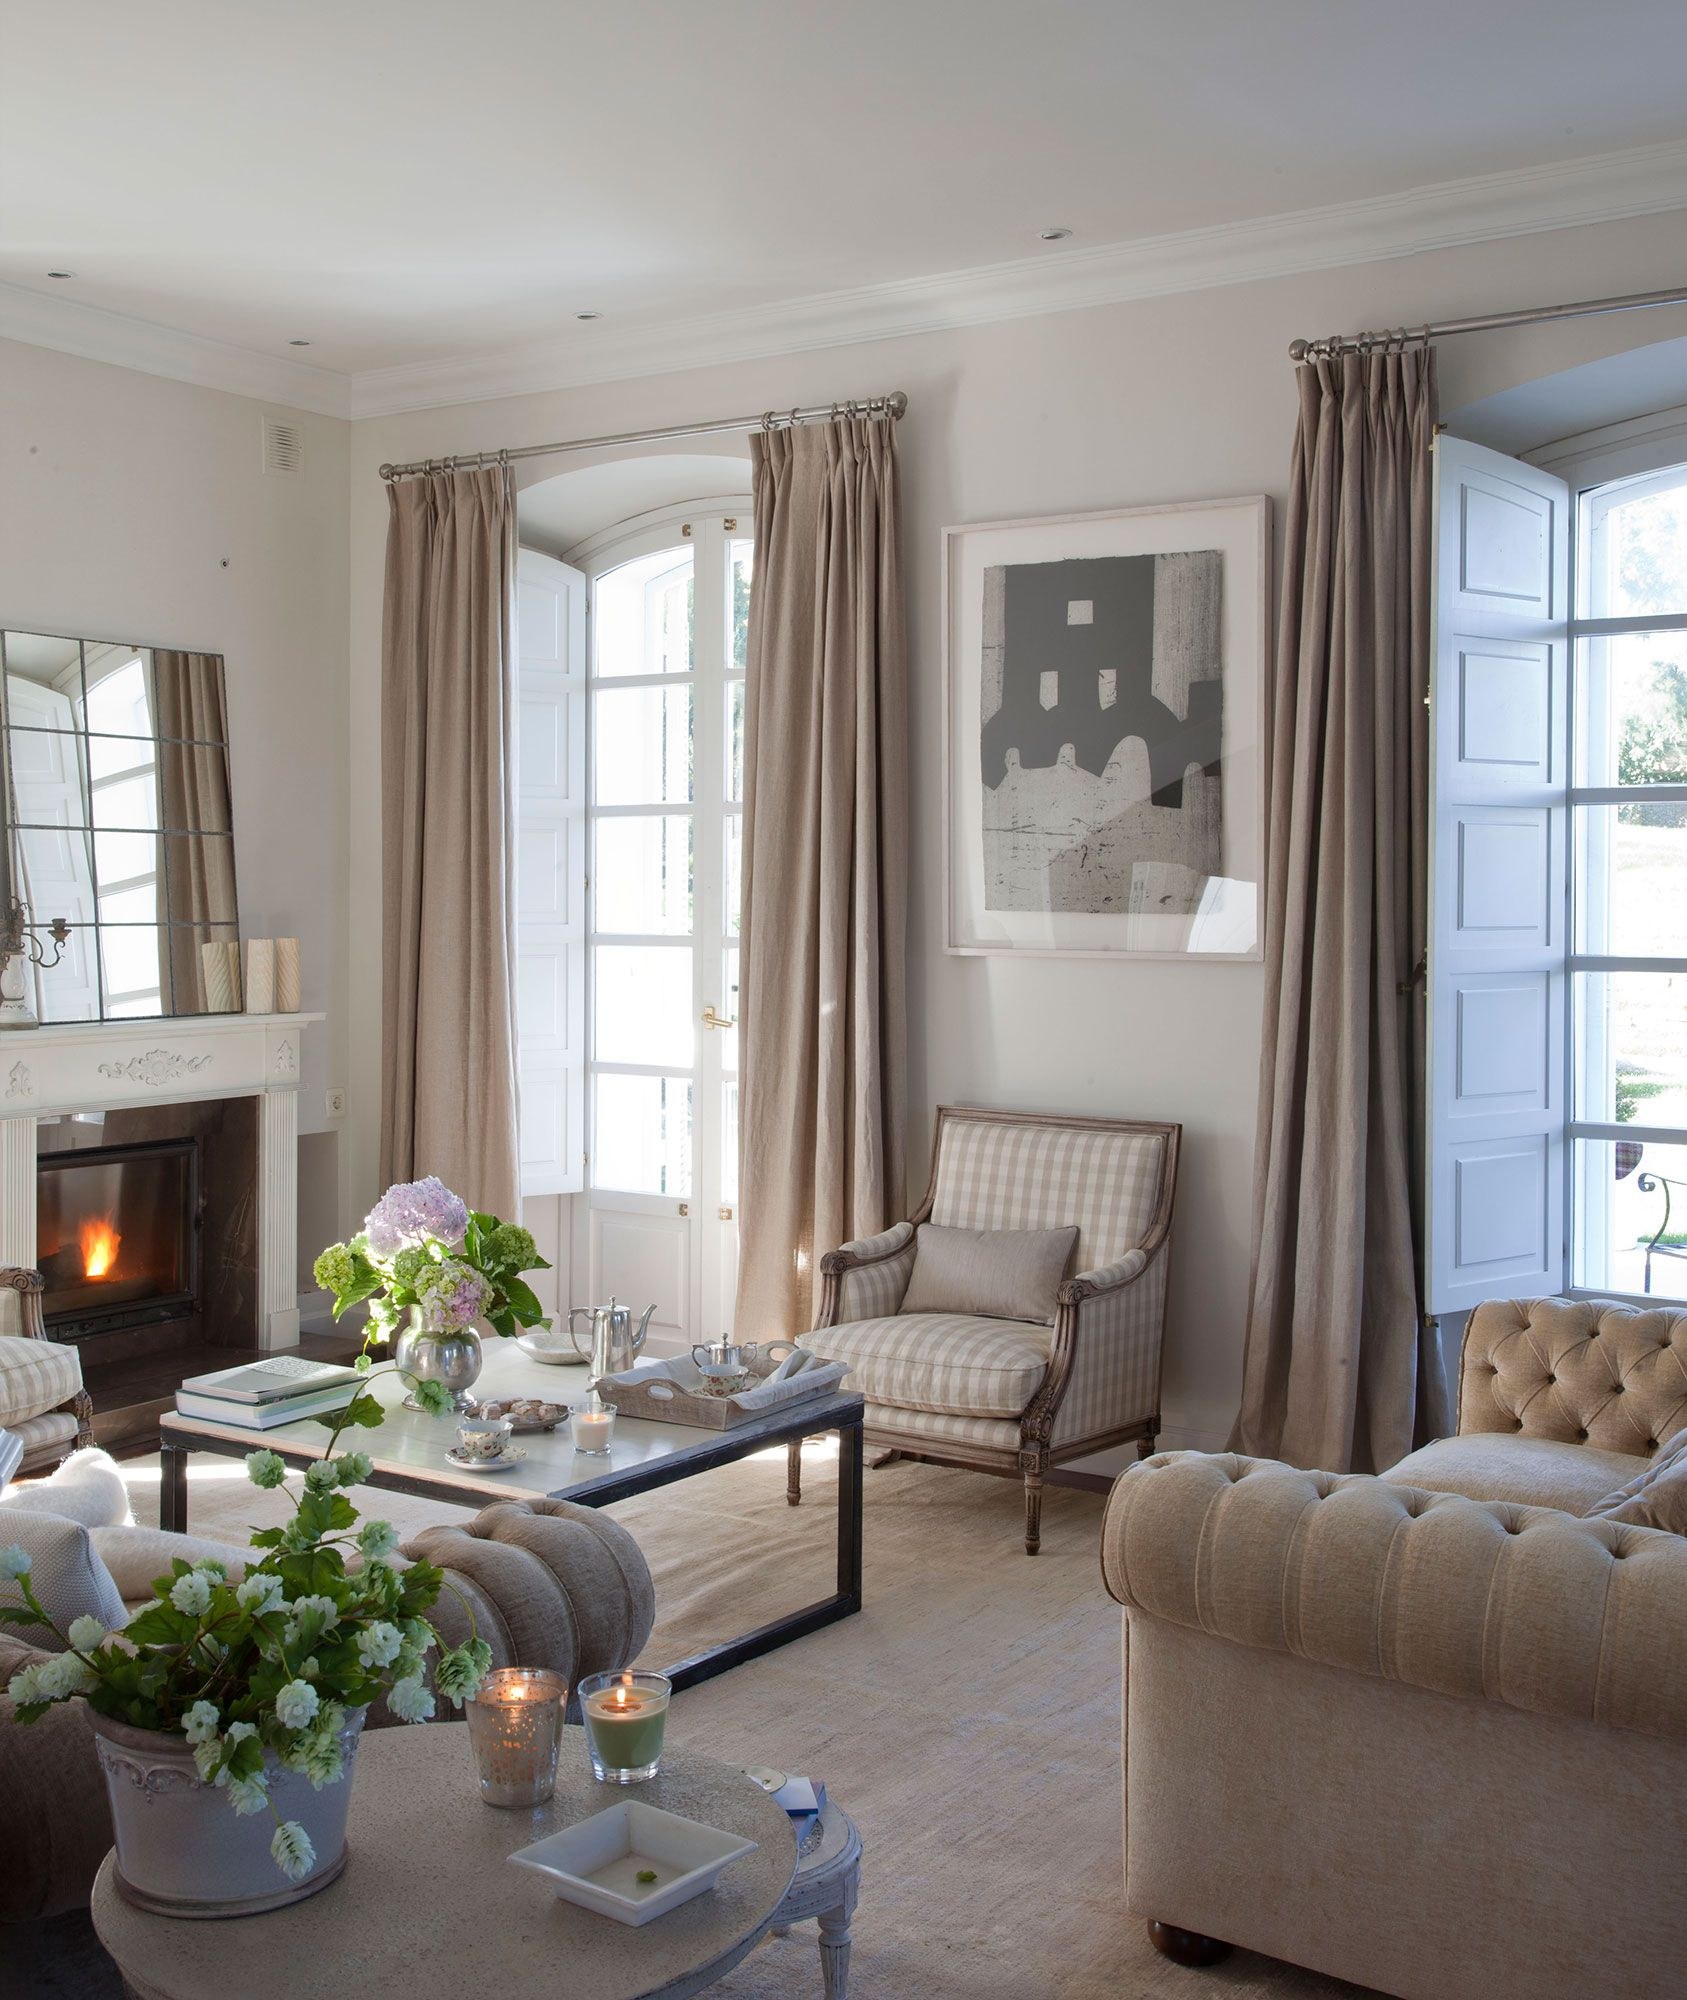 Los 100 mejores salones de el mueble dise o de interiores interior design pinterest - Cortinas para salones pequenos ...